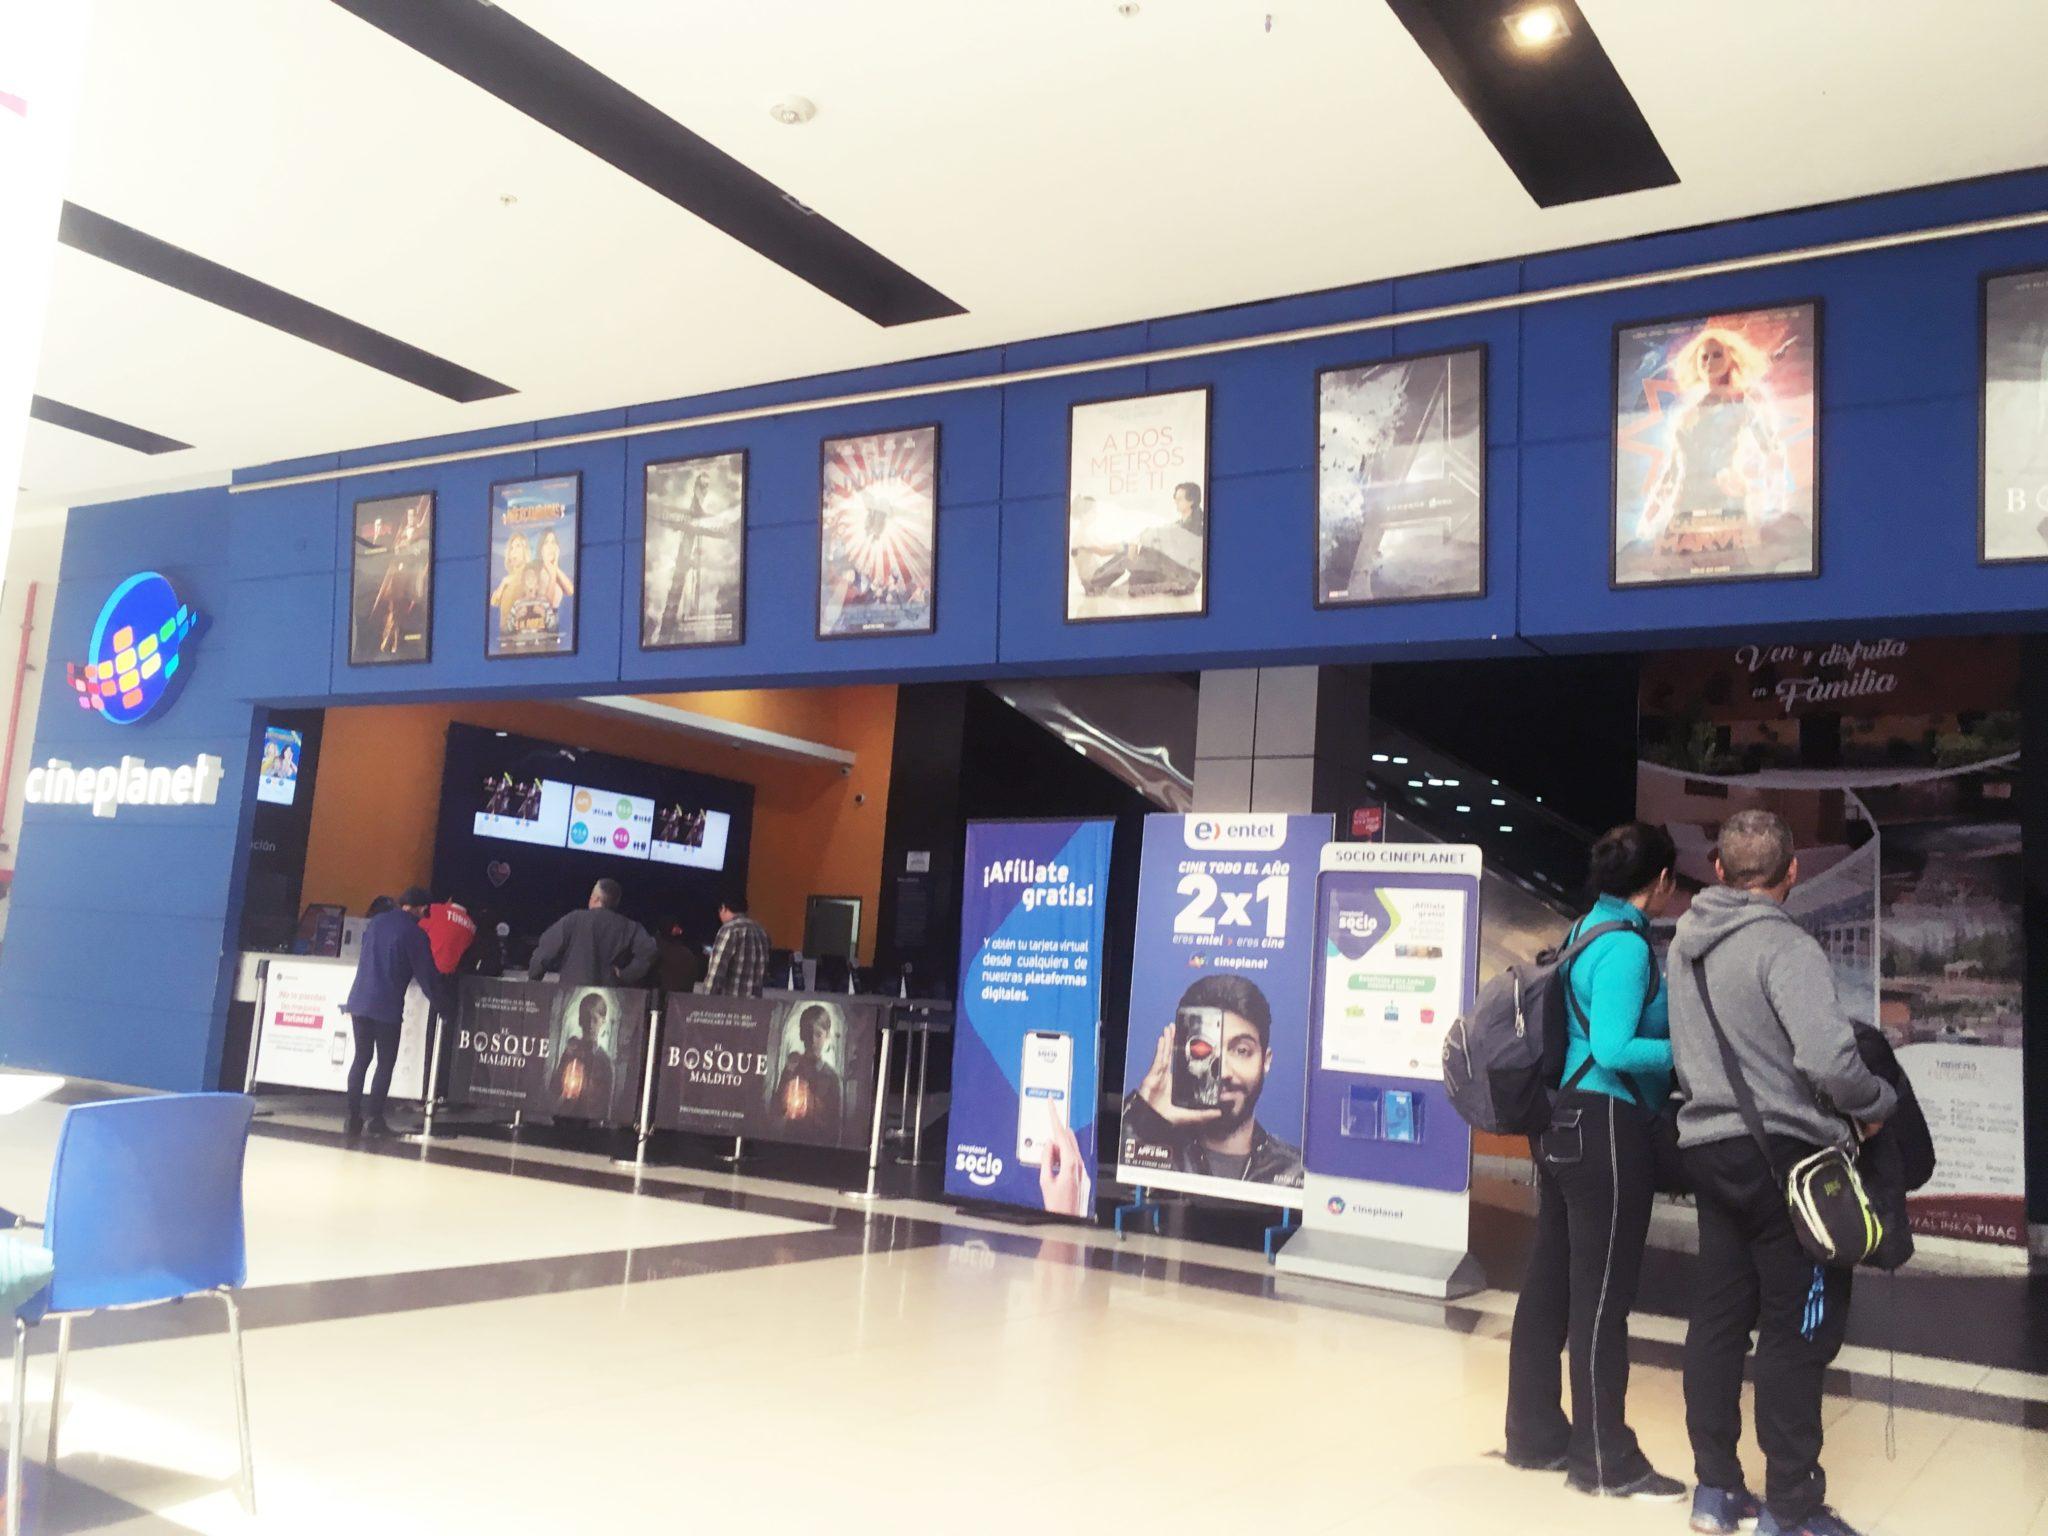 ペルー, クスコ, 映画館, Real Plaza, ディズニー, ダンボ